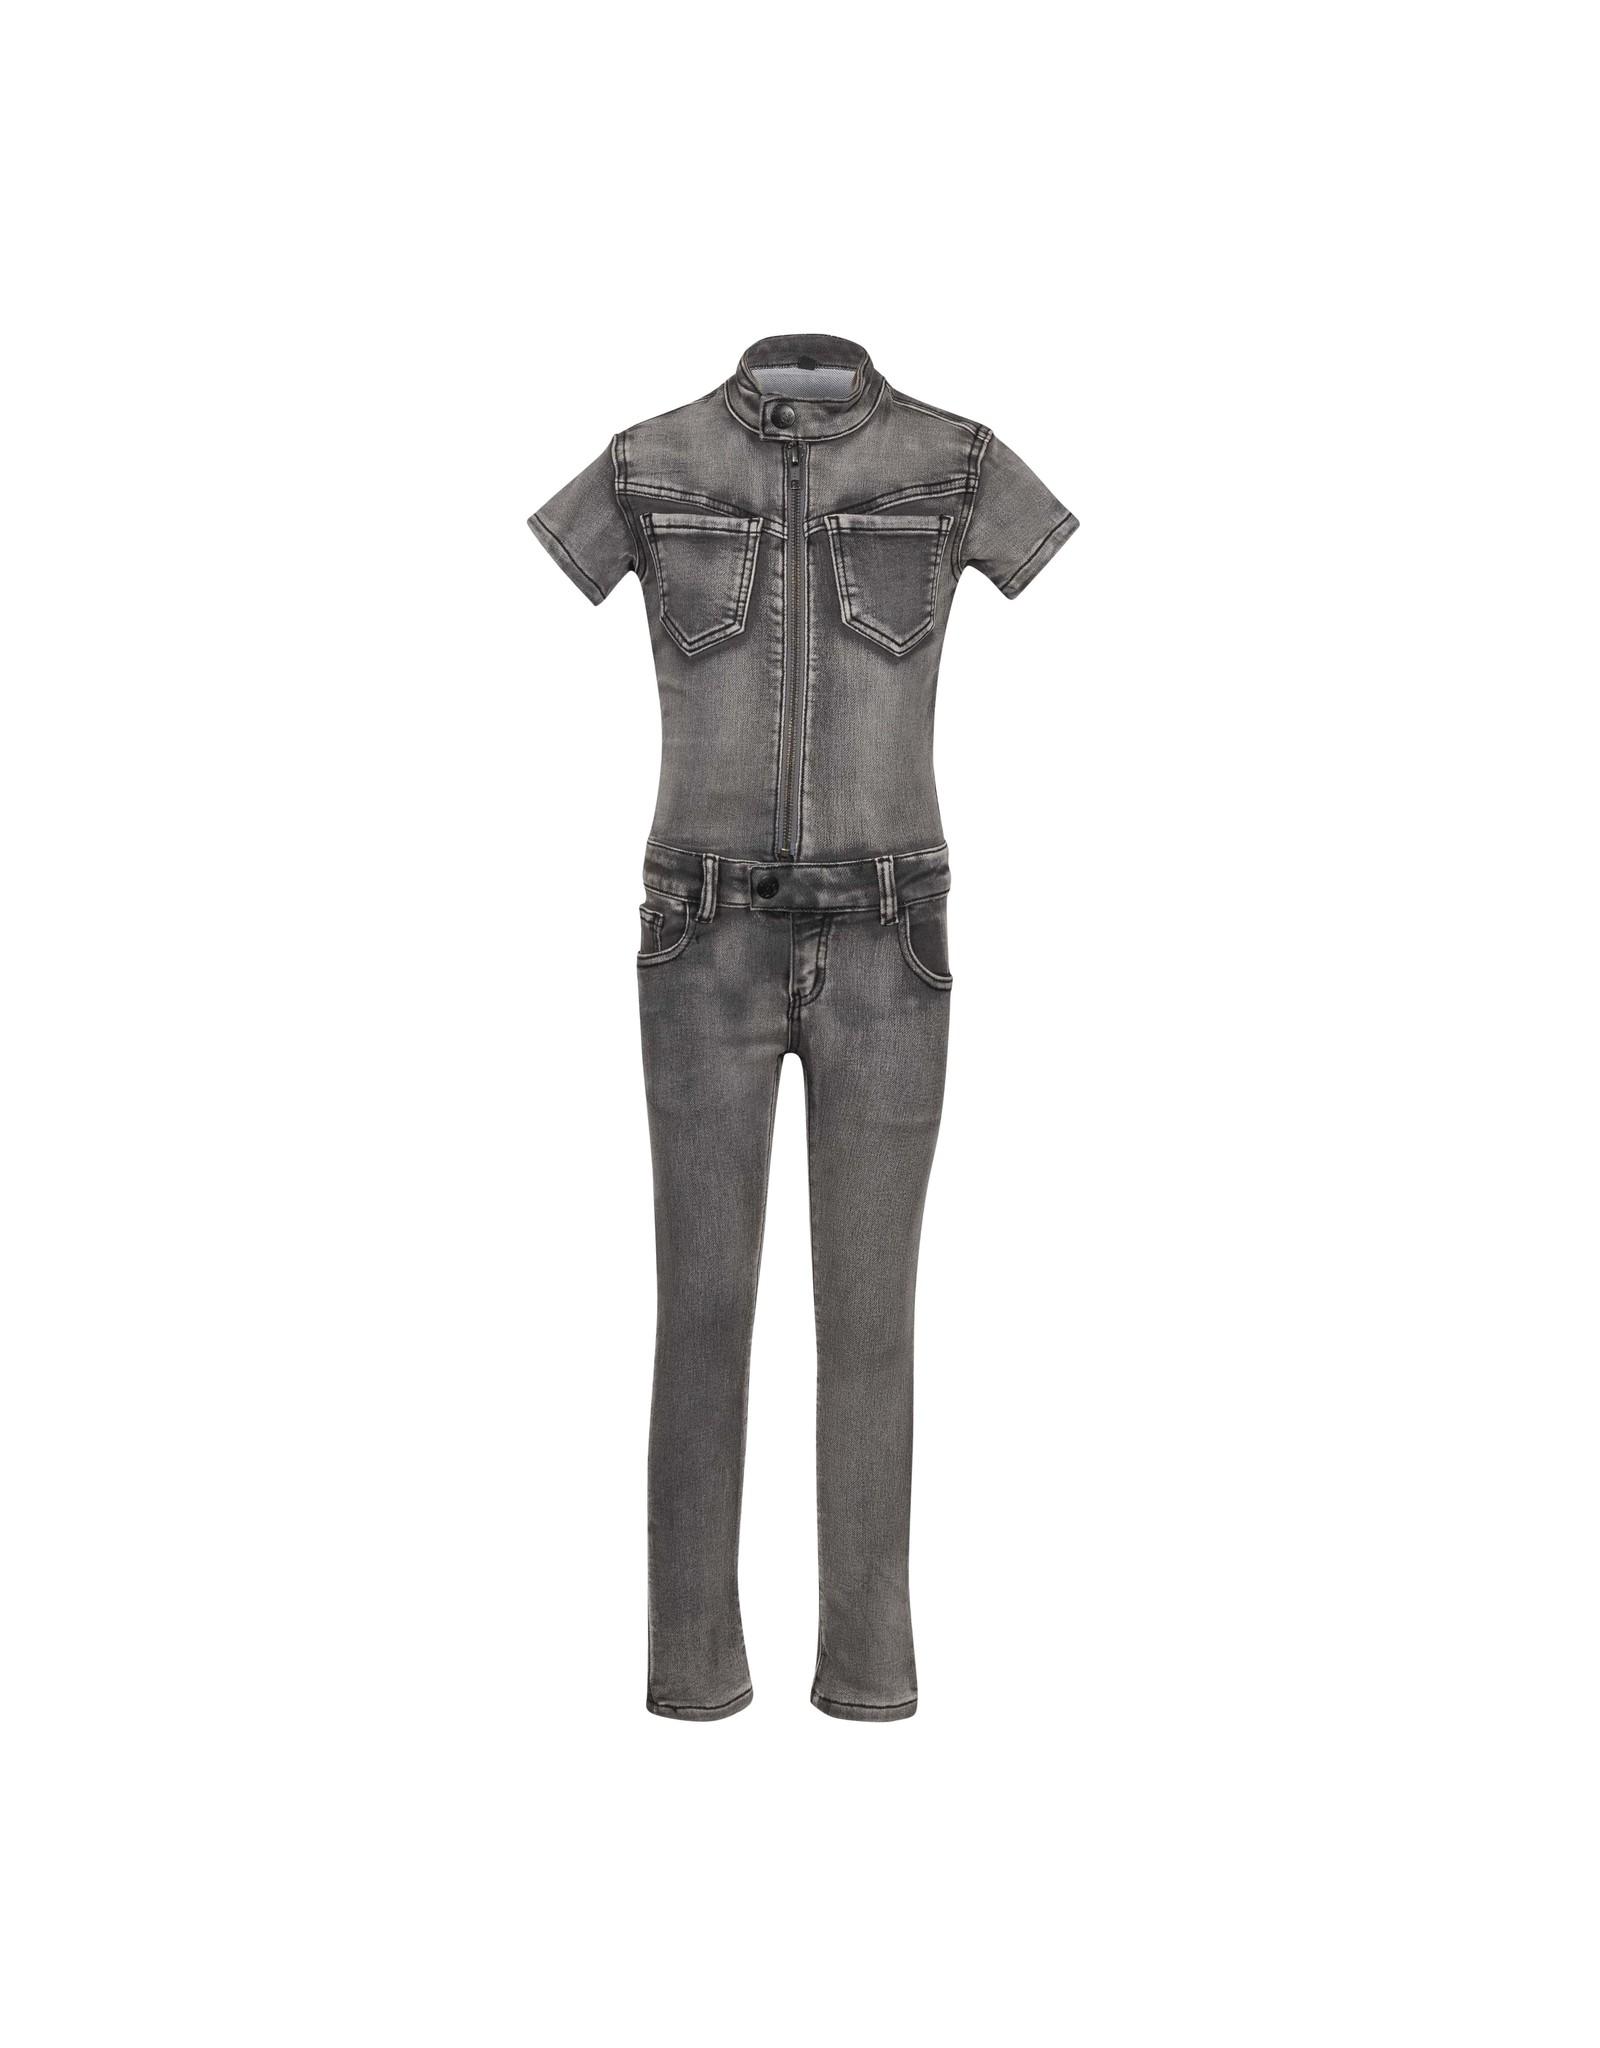 DDD DDD meiden jeans jumpsuit Madini grey korte mouw